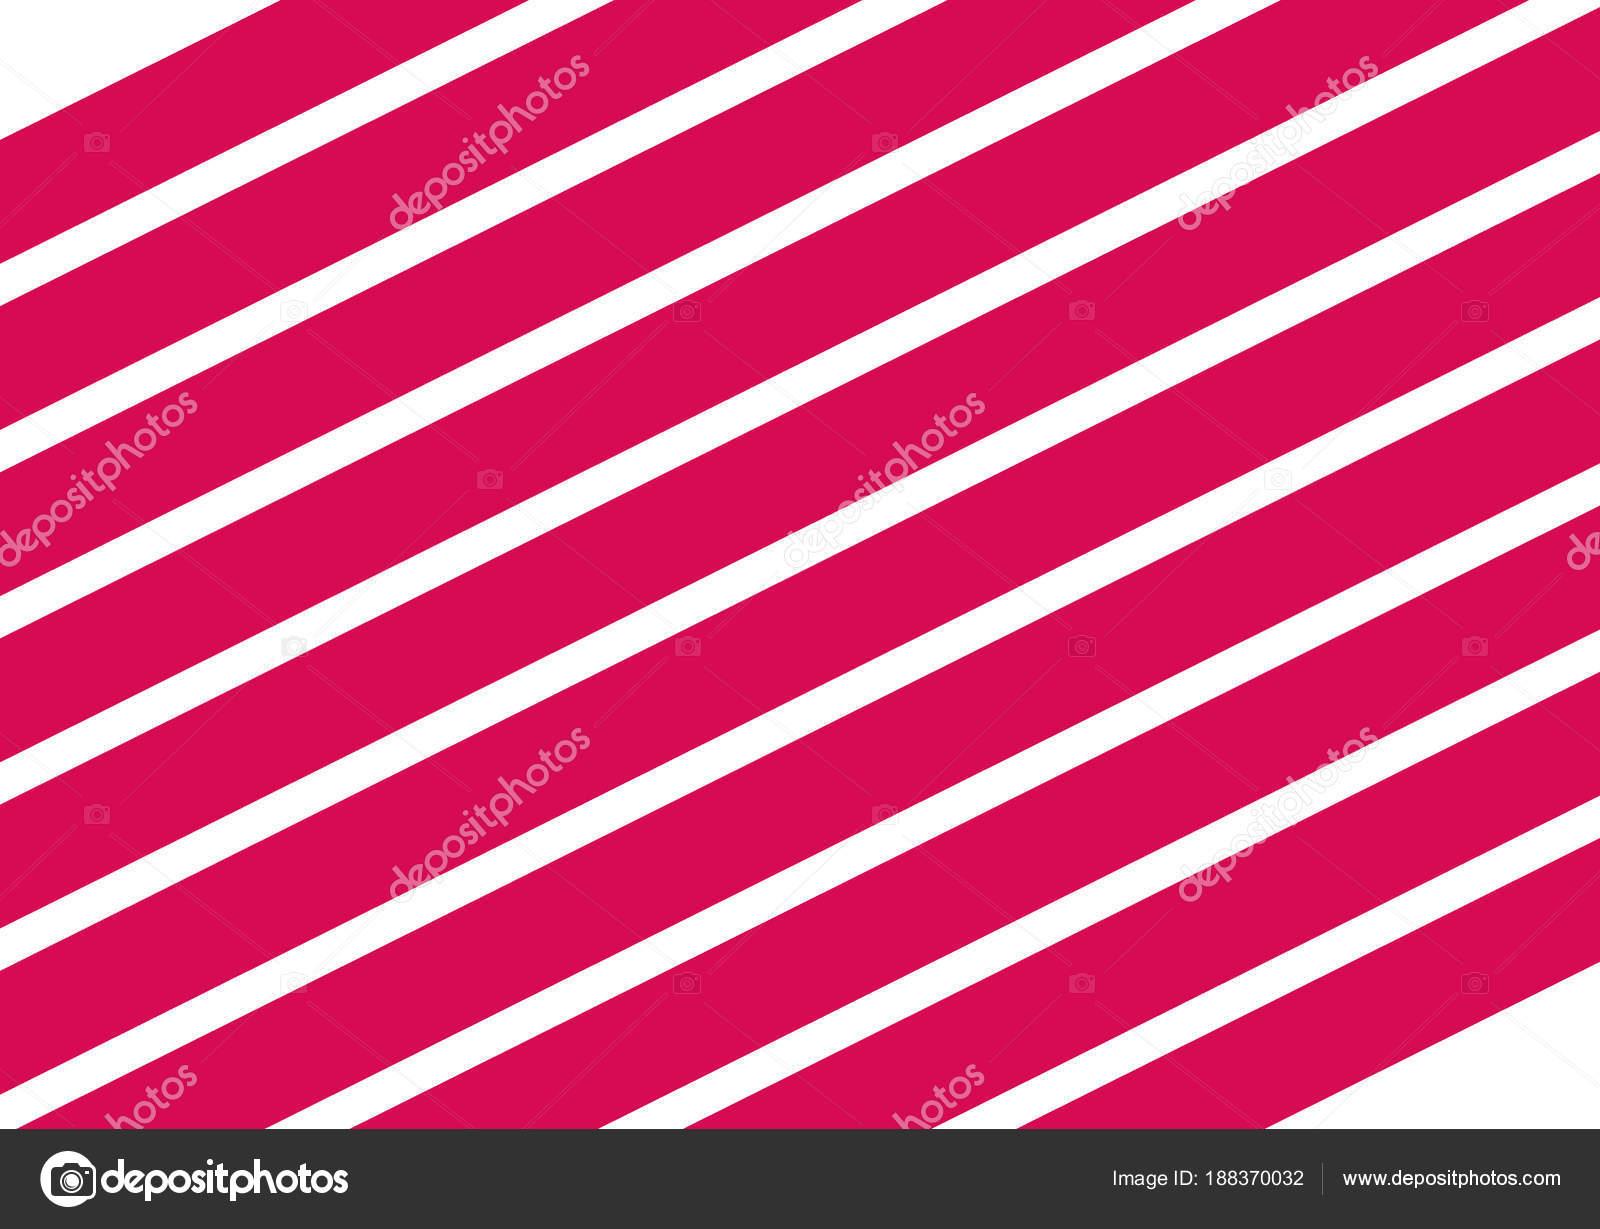 Illustrazione Strisce Rosa E Bianco Strisce Rosa Su Sfondo Bianco